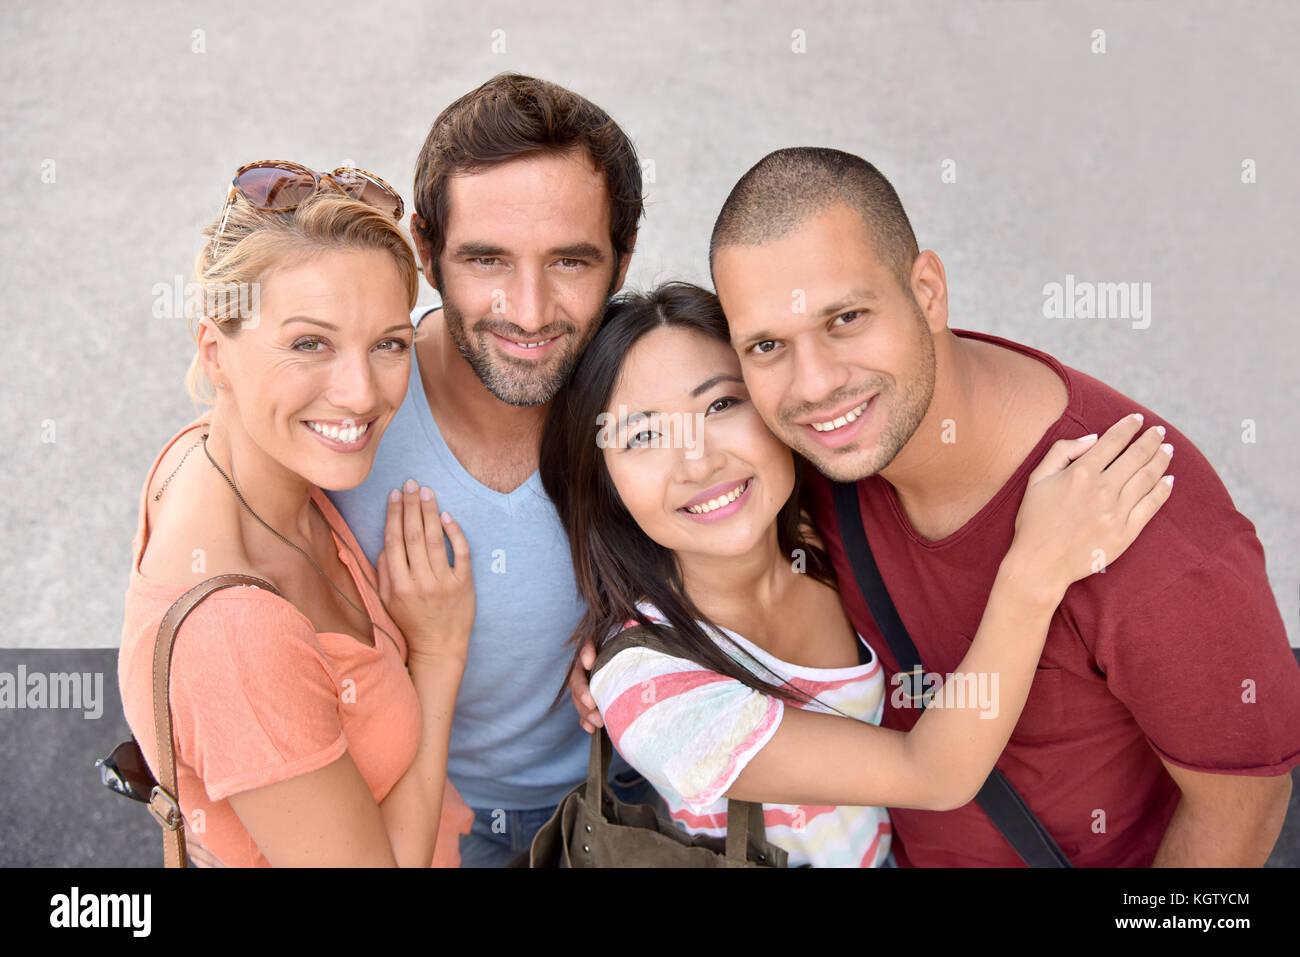 Retrato de cuatro jóvenes adultos, etnia Imagen De Stock